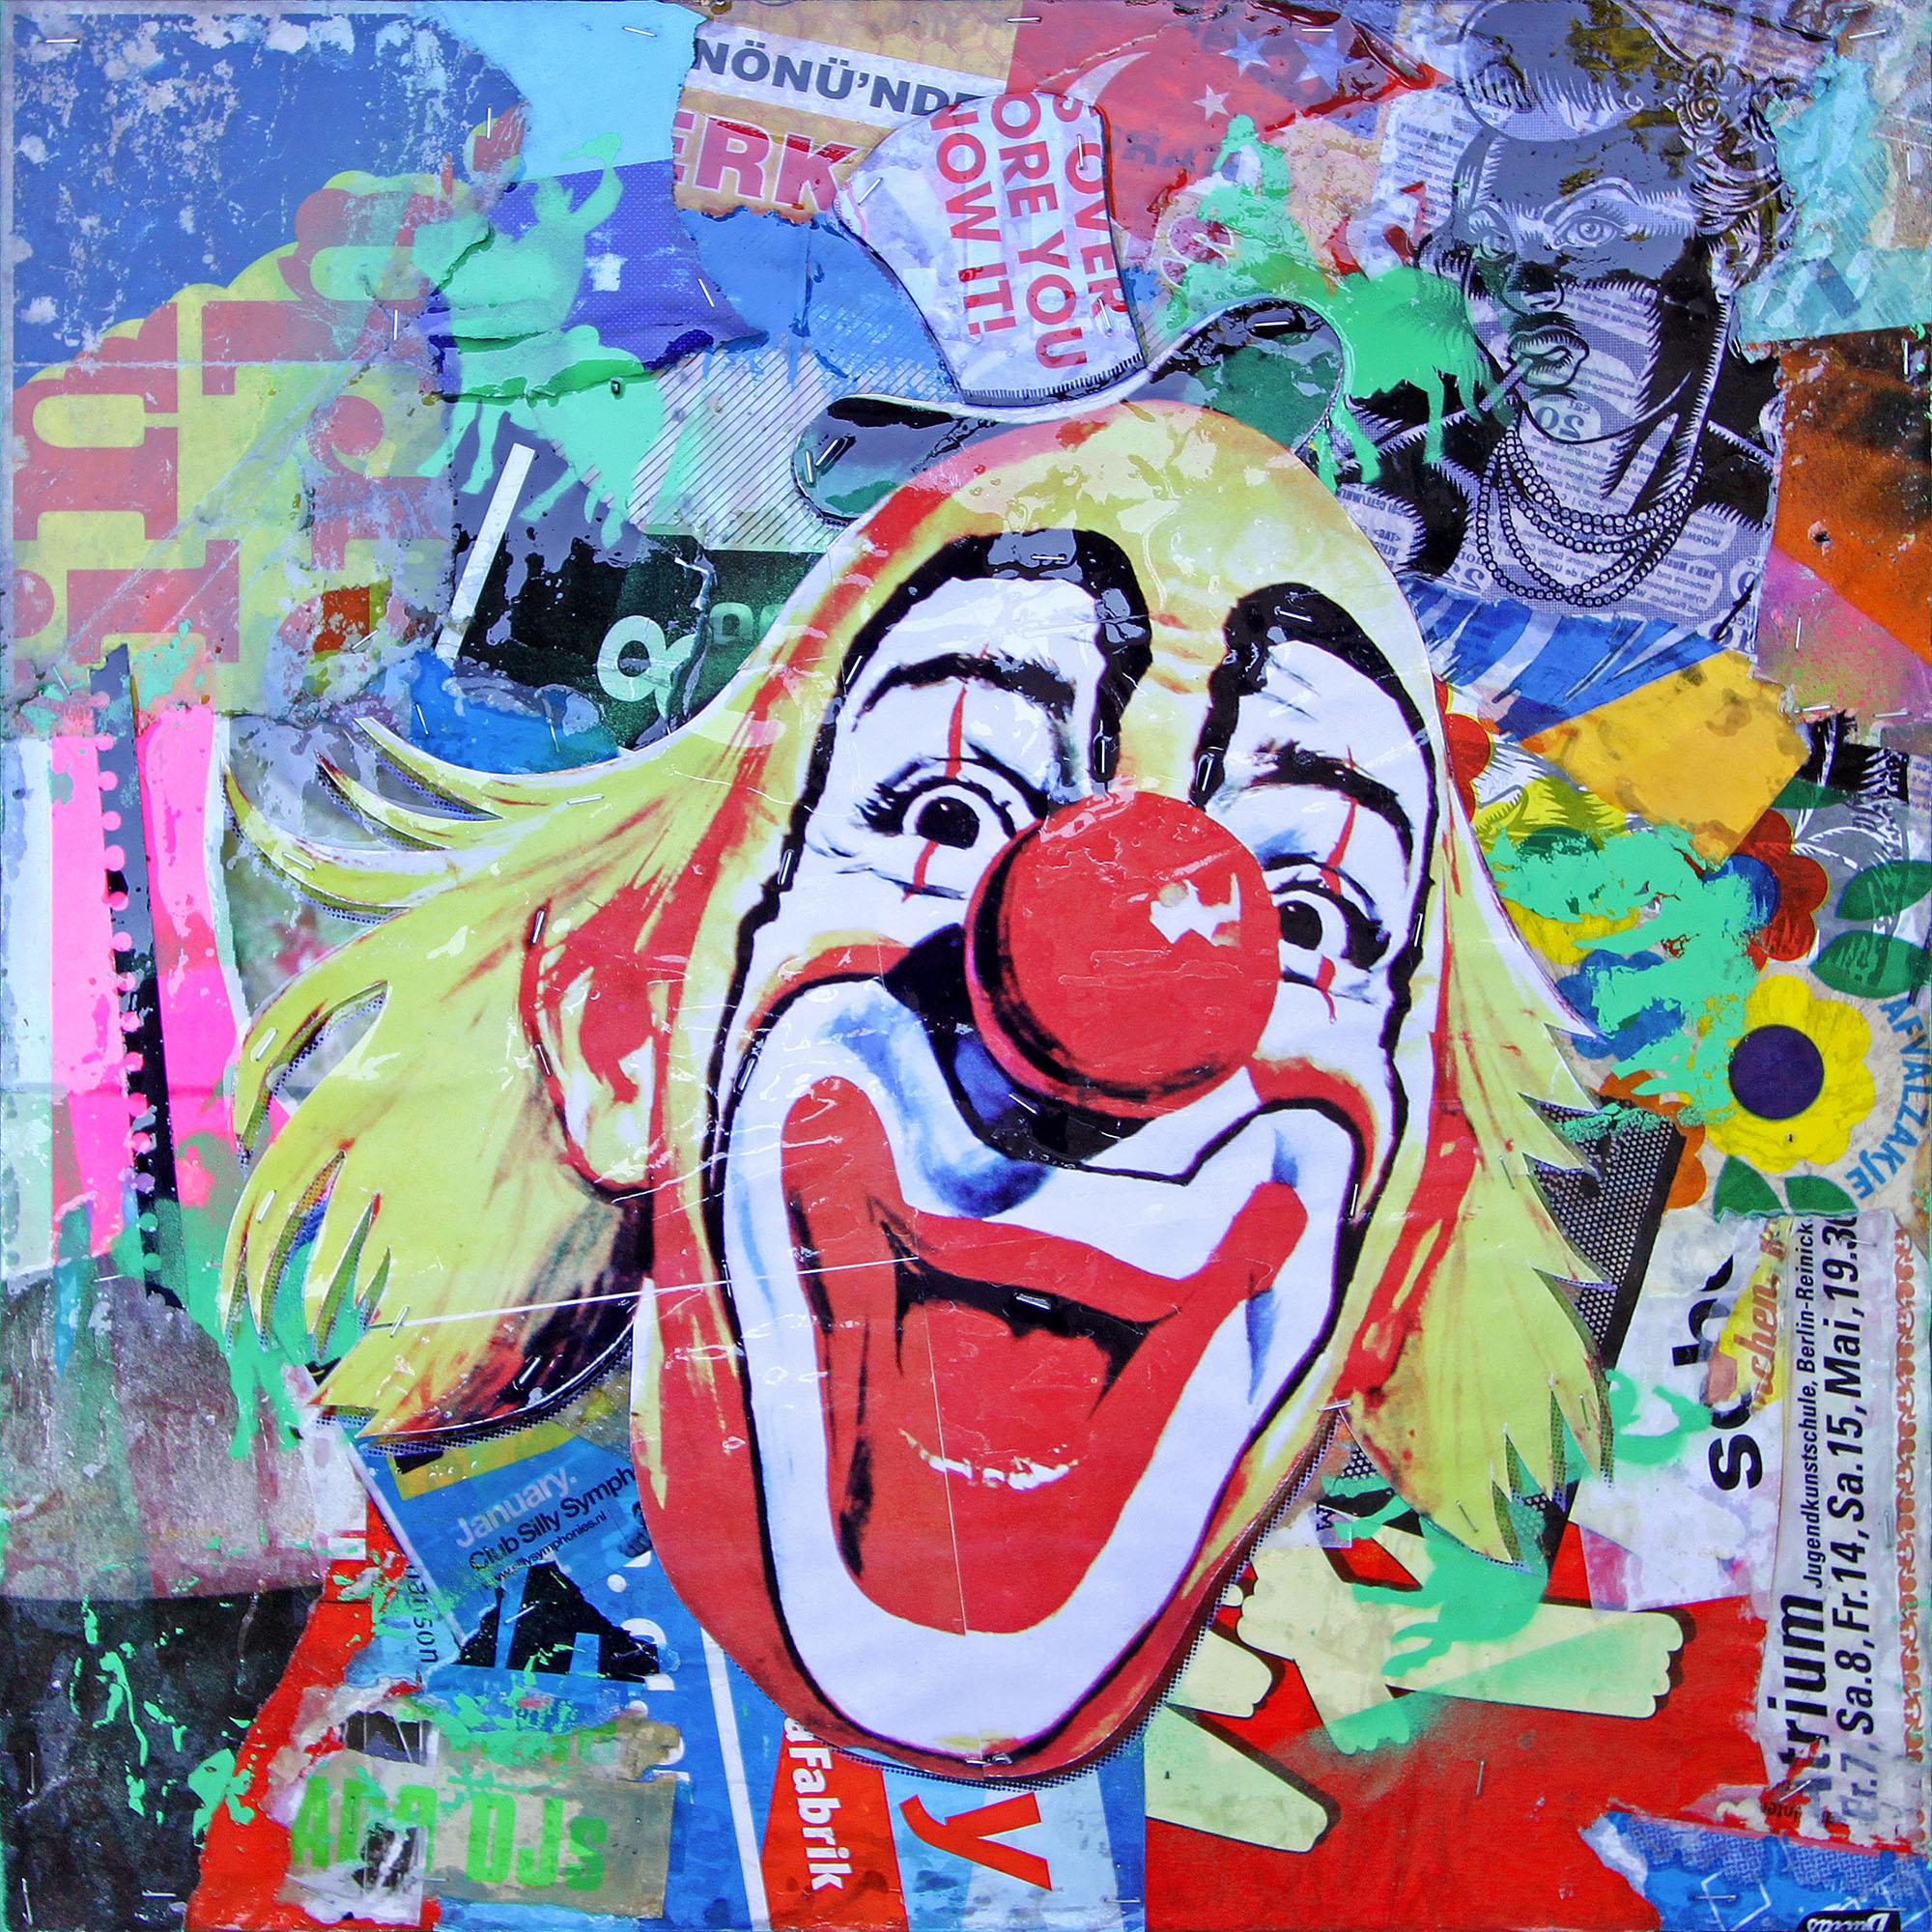 bart-knegt-art-the-clown-01.jpg